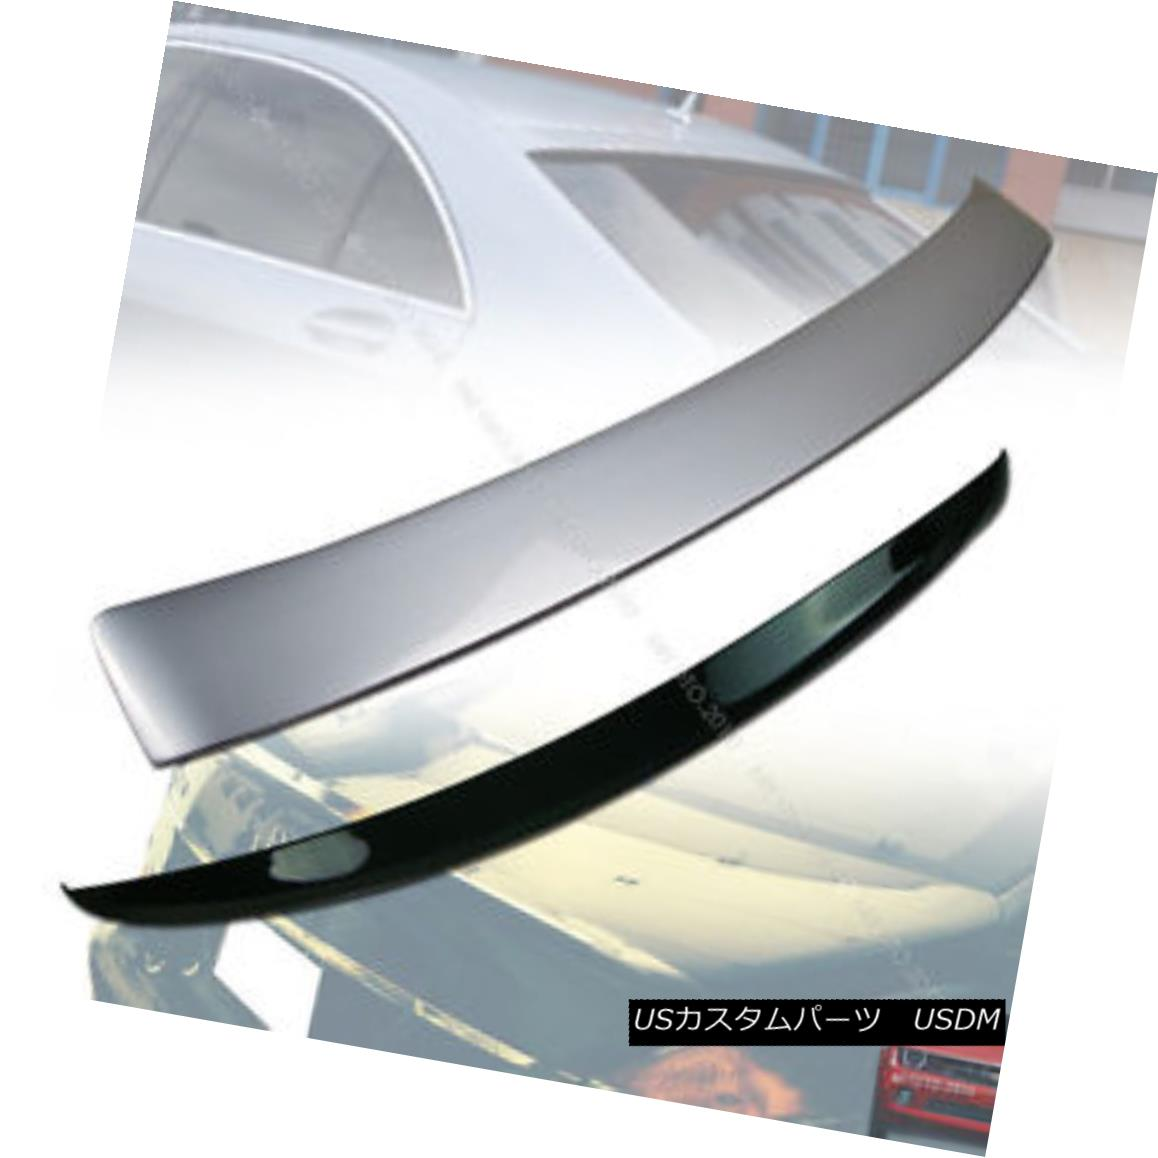 エアロパーツ Painted Mercedes Benz W221 L Type Roof Spoiler + A Type Trunk Spoiler § 塗装されたメルセデスベンツW221 L型屋根型スポイラー+ A型車用スポイラー